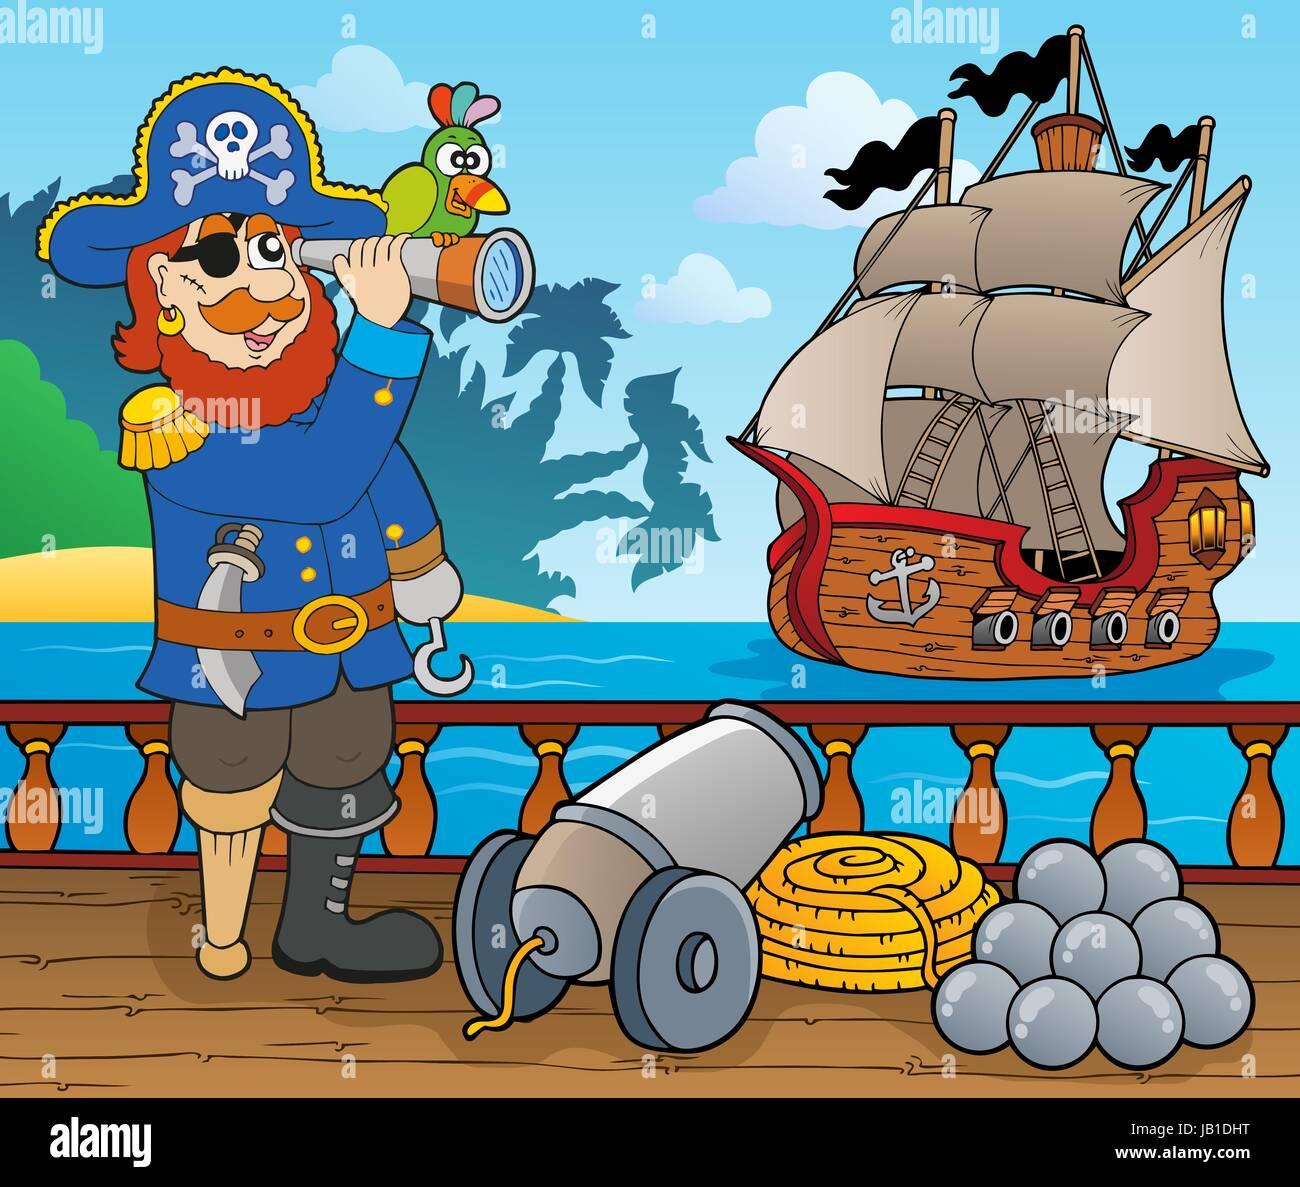 Piraten Schiff Deck Thema 1 - Bild-Darstellung. Stockbild